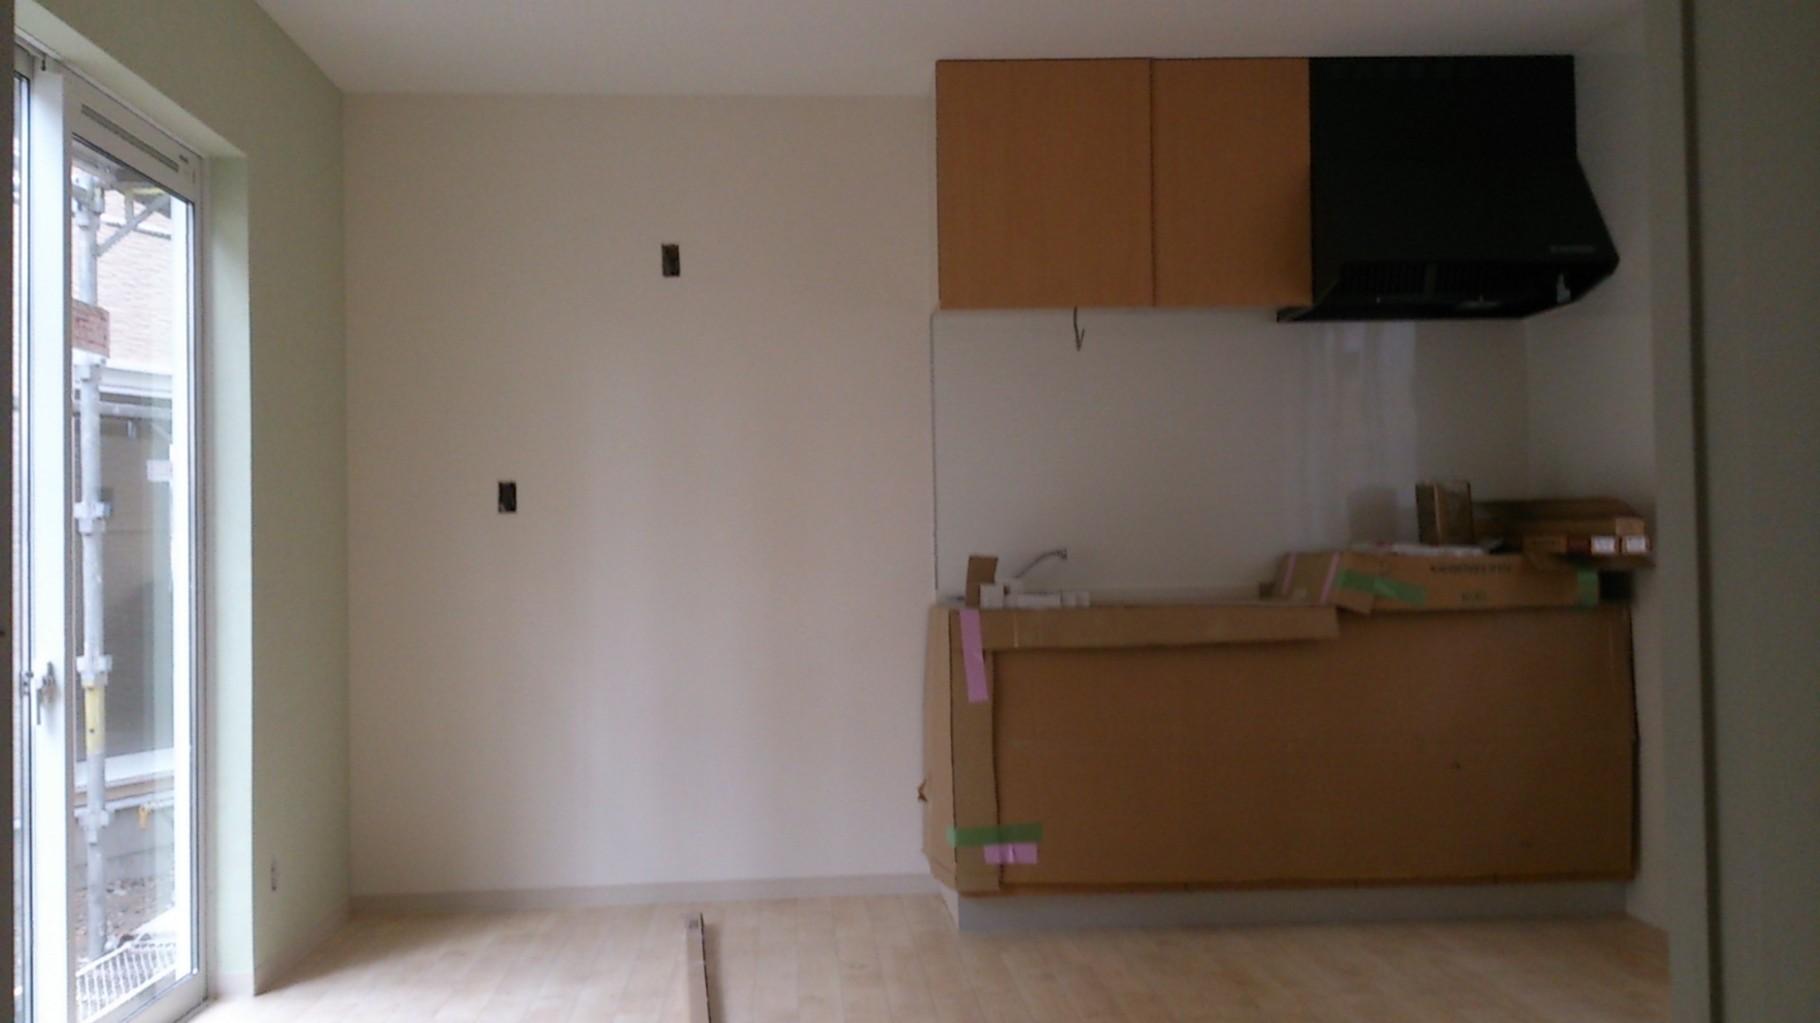 14/12/12 テラスハウスのキッチンがつきました